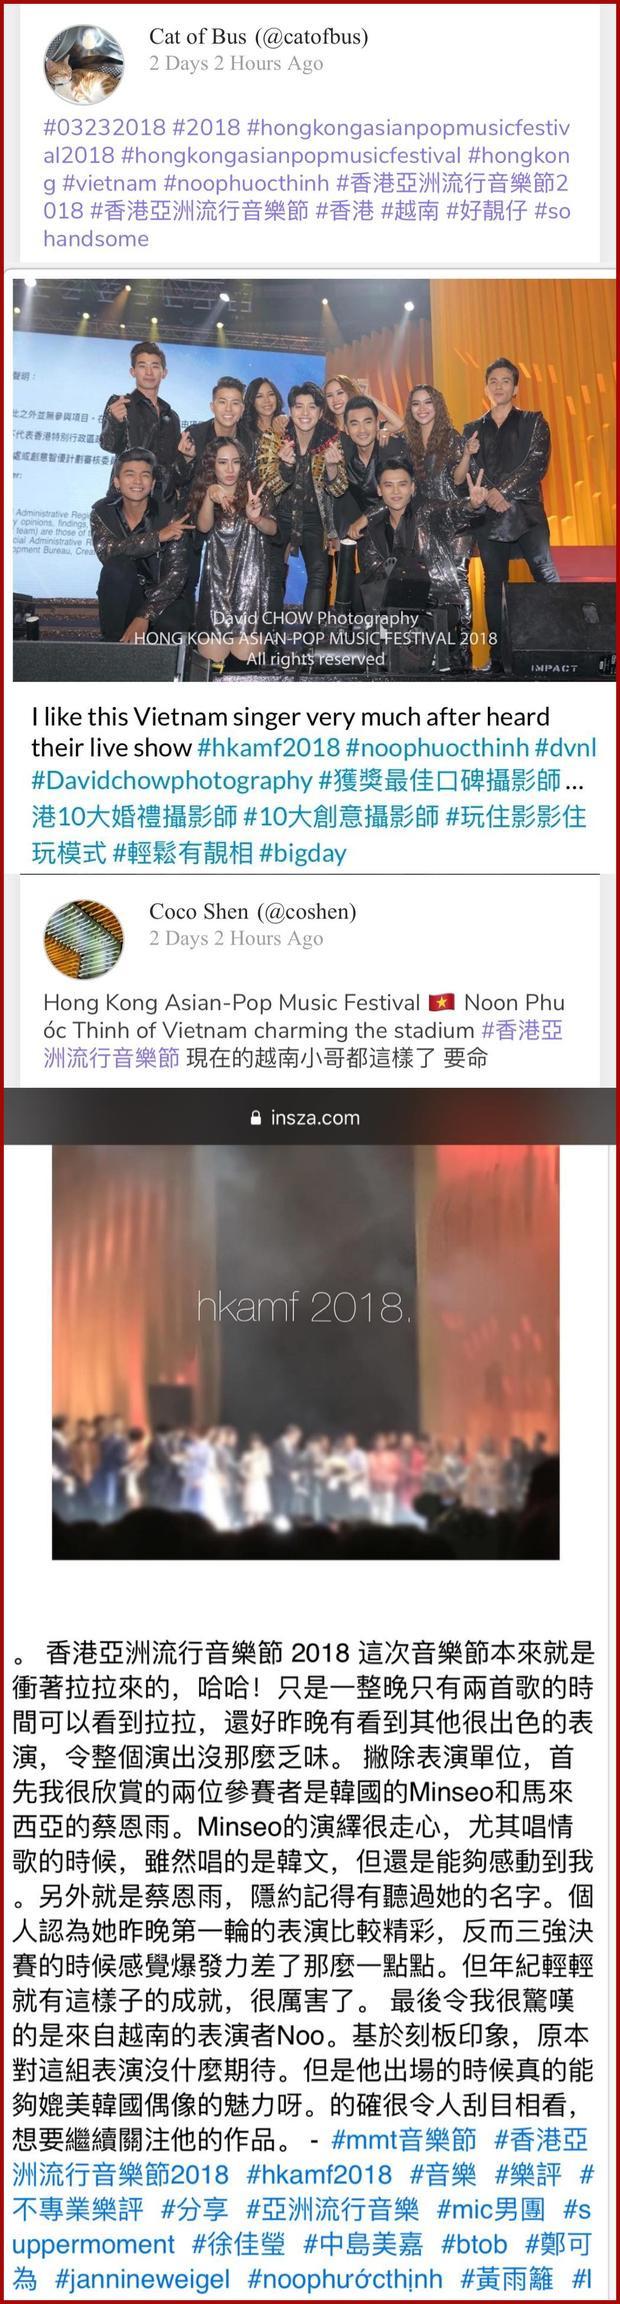 Có những bình luận khen Noo rất đẹp trai hoặc thích nghe Noo hát dù không hiểu và màn giao lưu bằng tiếng Anh vô cùng trôi chảy cũng ghi điểm cho sự chuyên nghiệp trong mắt khán giả.